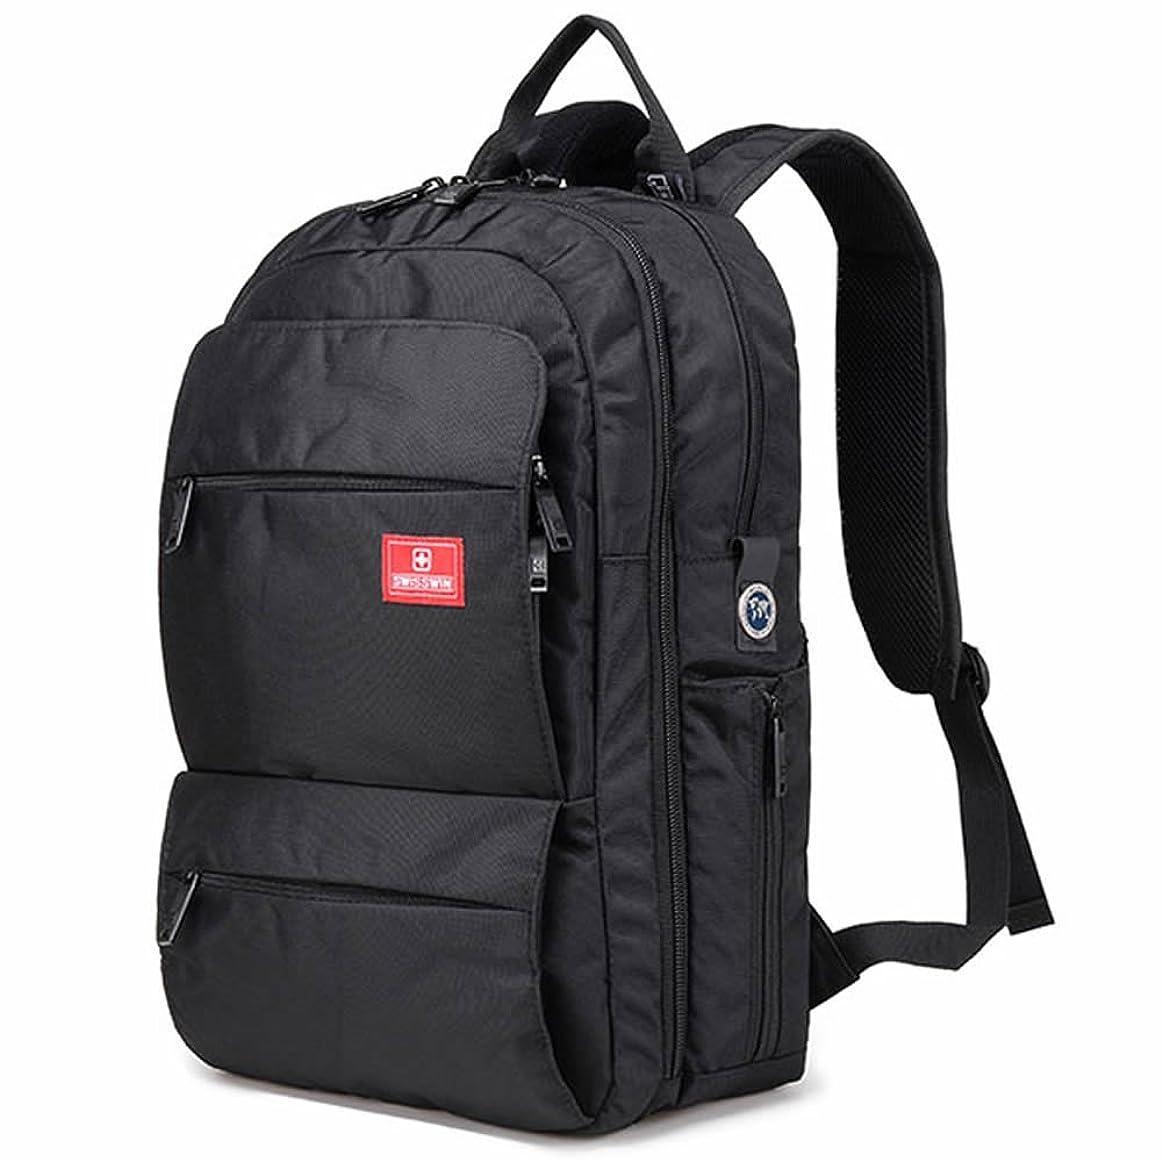 変更可能持参休憩するSWISSWIN バックパック リュックサック ビジネスリュック メンズ レディース アウトドア 28L バッグ ブラック SWE6018